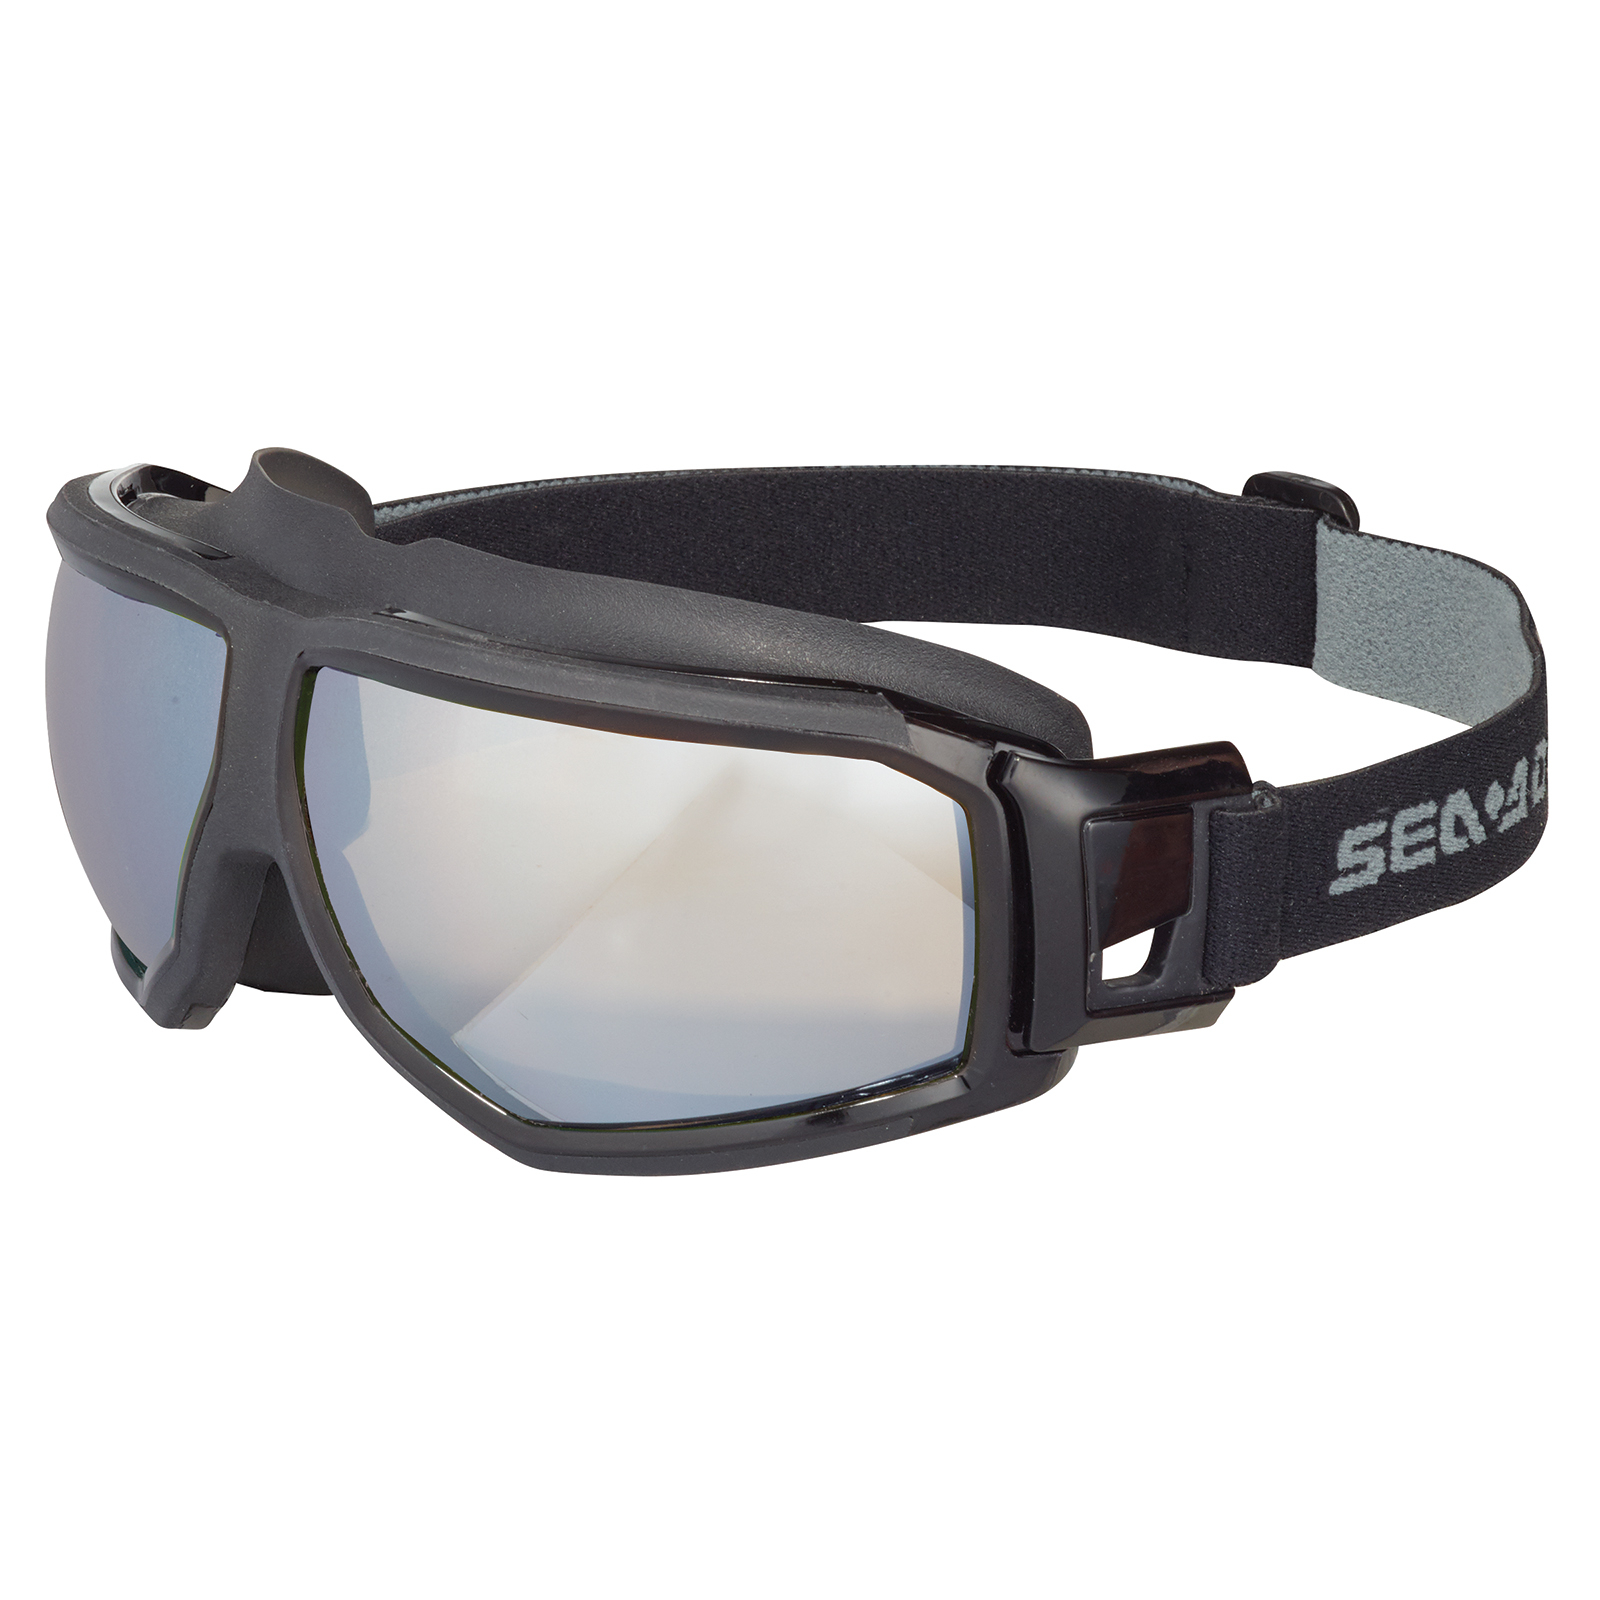 Occhiali Protettivi Specchio 2021 T.U. ARGENTO - SeaDoo